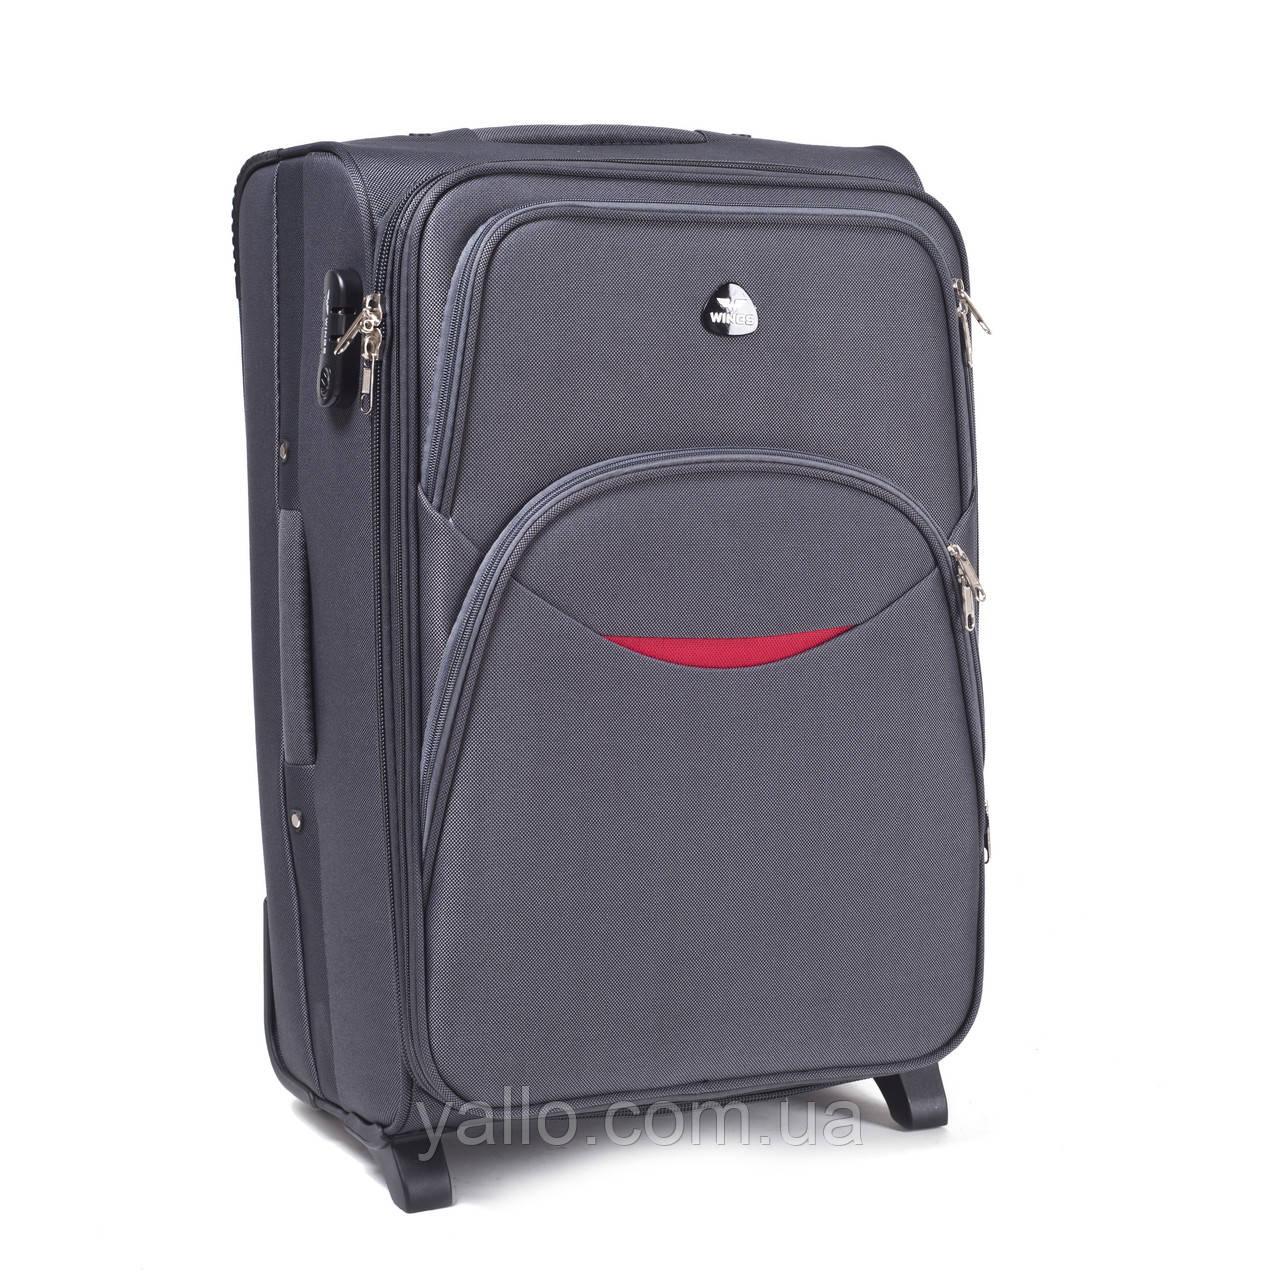 Большой дорожный чемодан на двух прорезиненных колёсах фирмы WINGS 1708 L Grey